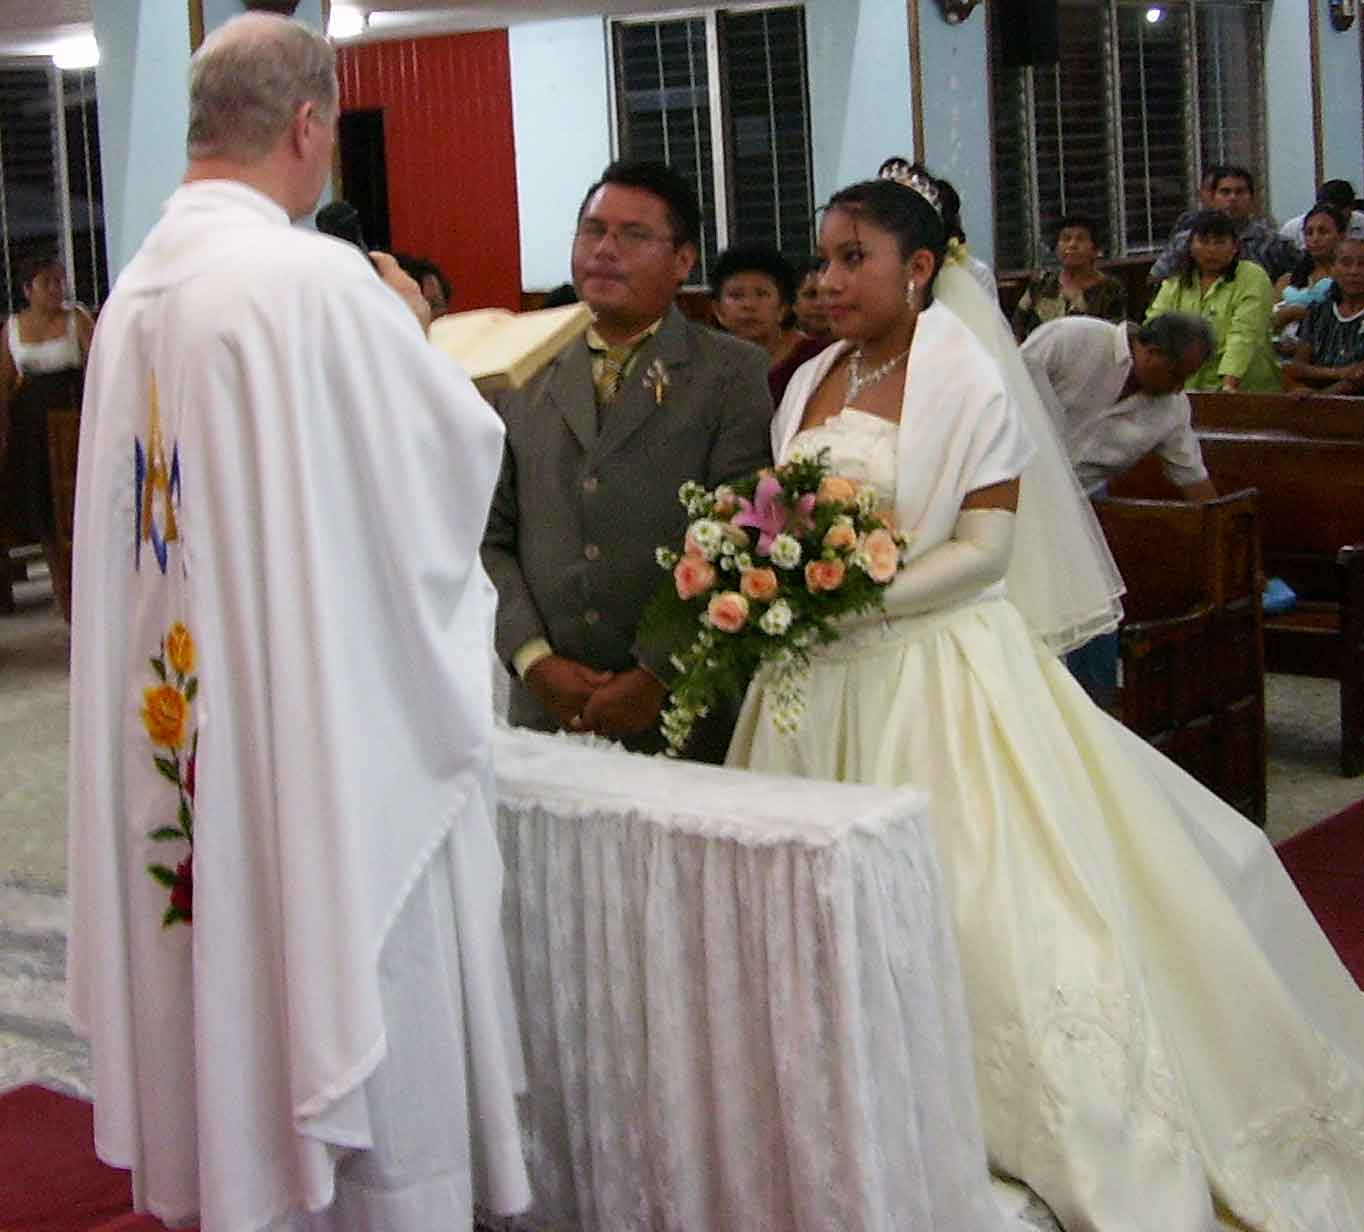 Matrimonio Catolico En Croacia : Católico de javier olivares baionés jubilado baiona